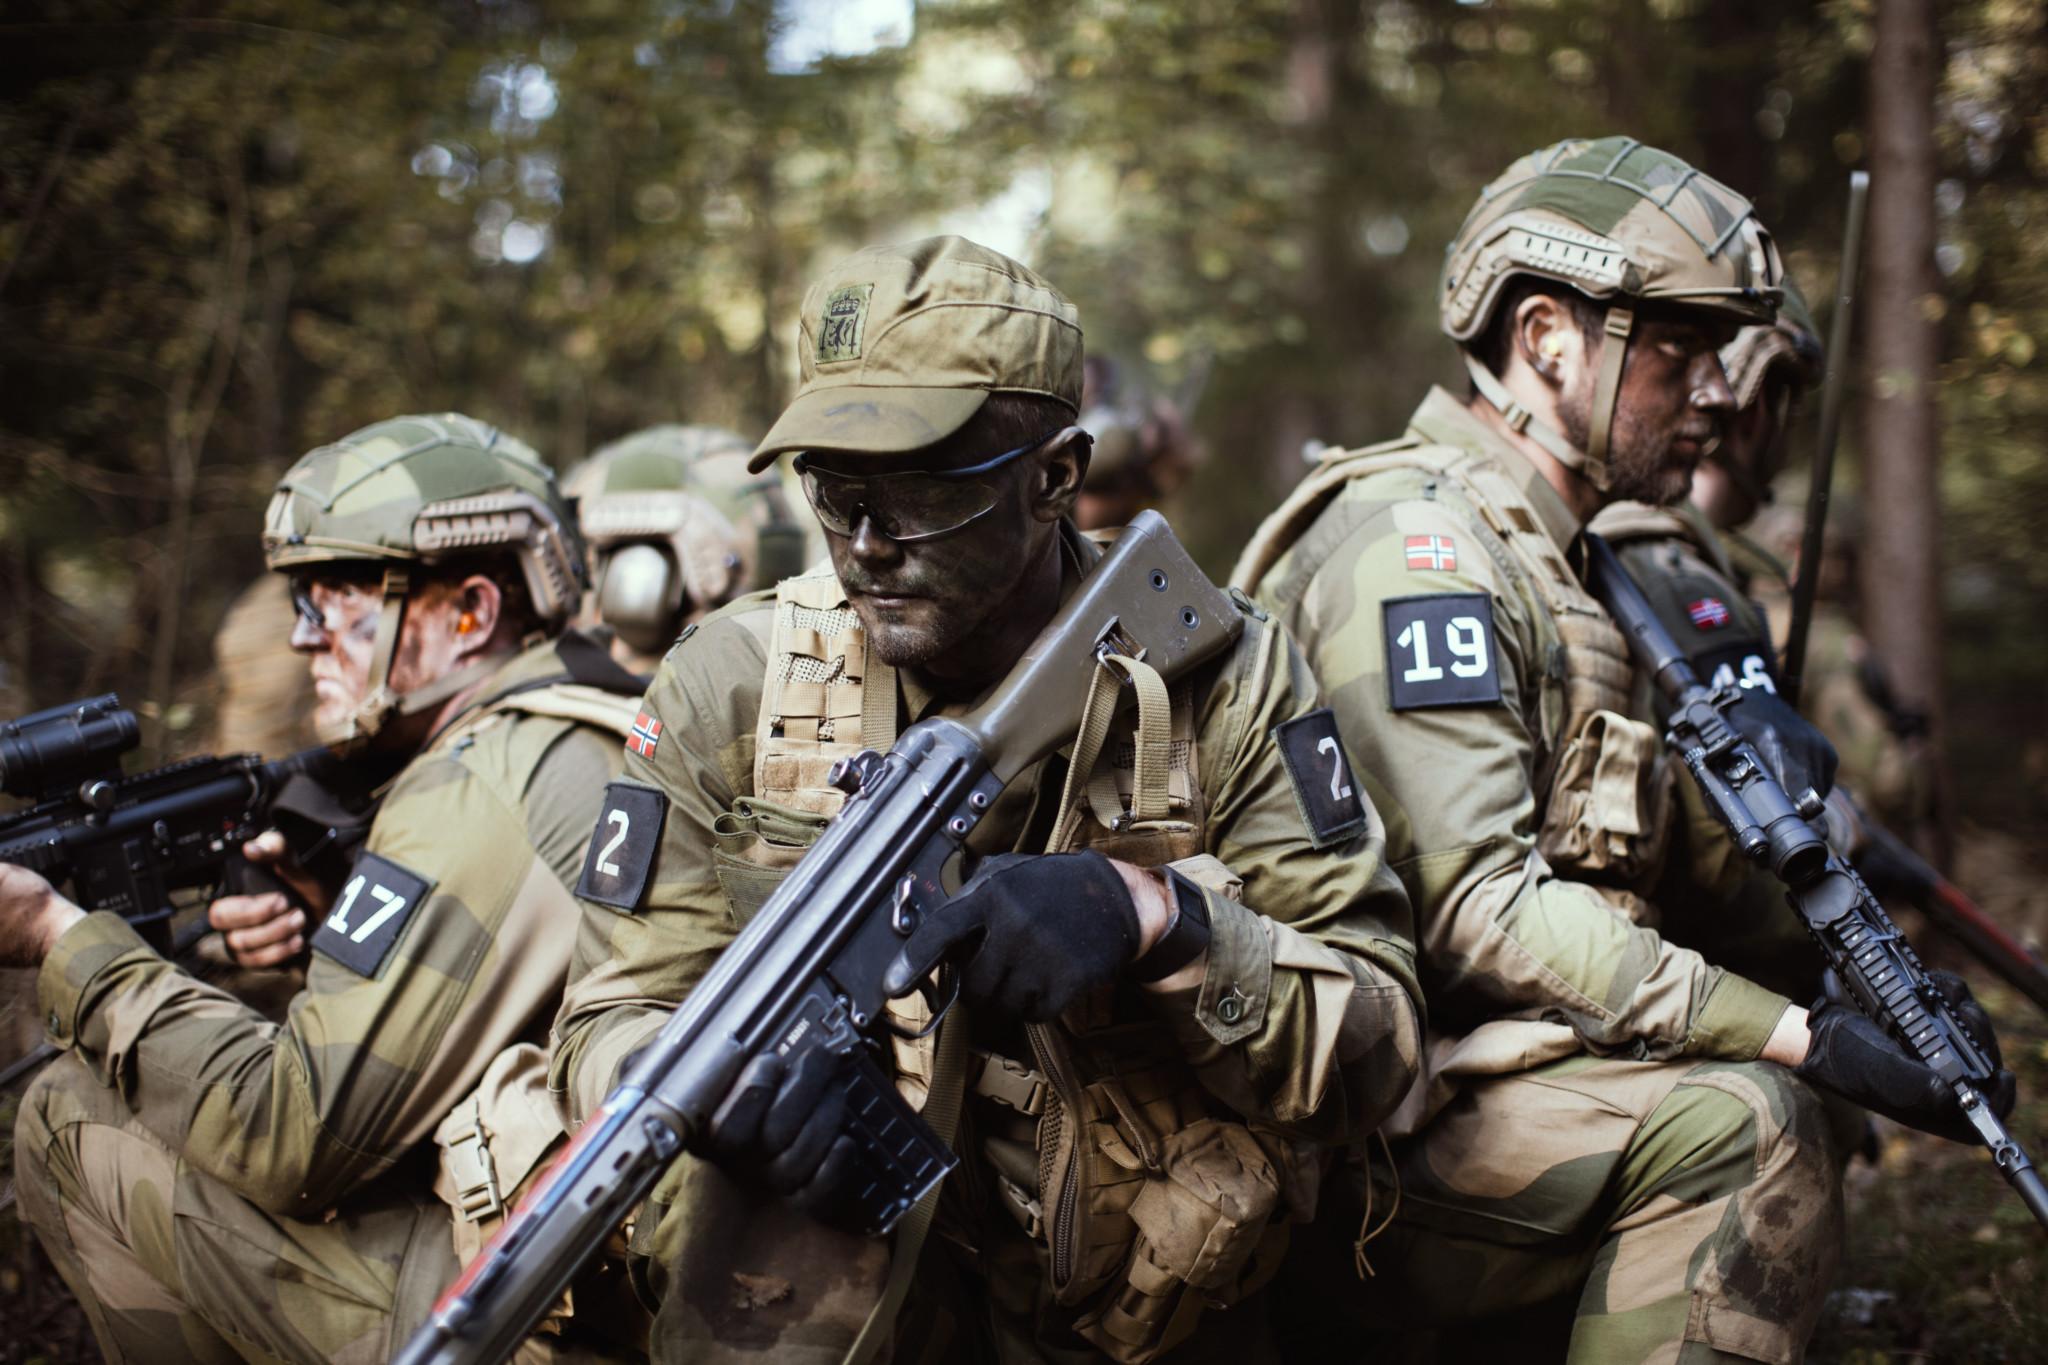 HV-01 på øvelse på Rygge, hovedformålet med øvelsen var trening på og overta et objekt fra en fiende / Homeguard unit from HV-01 during an exercise at Rygge military base